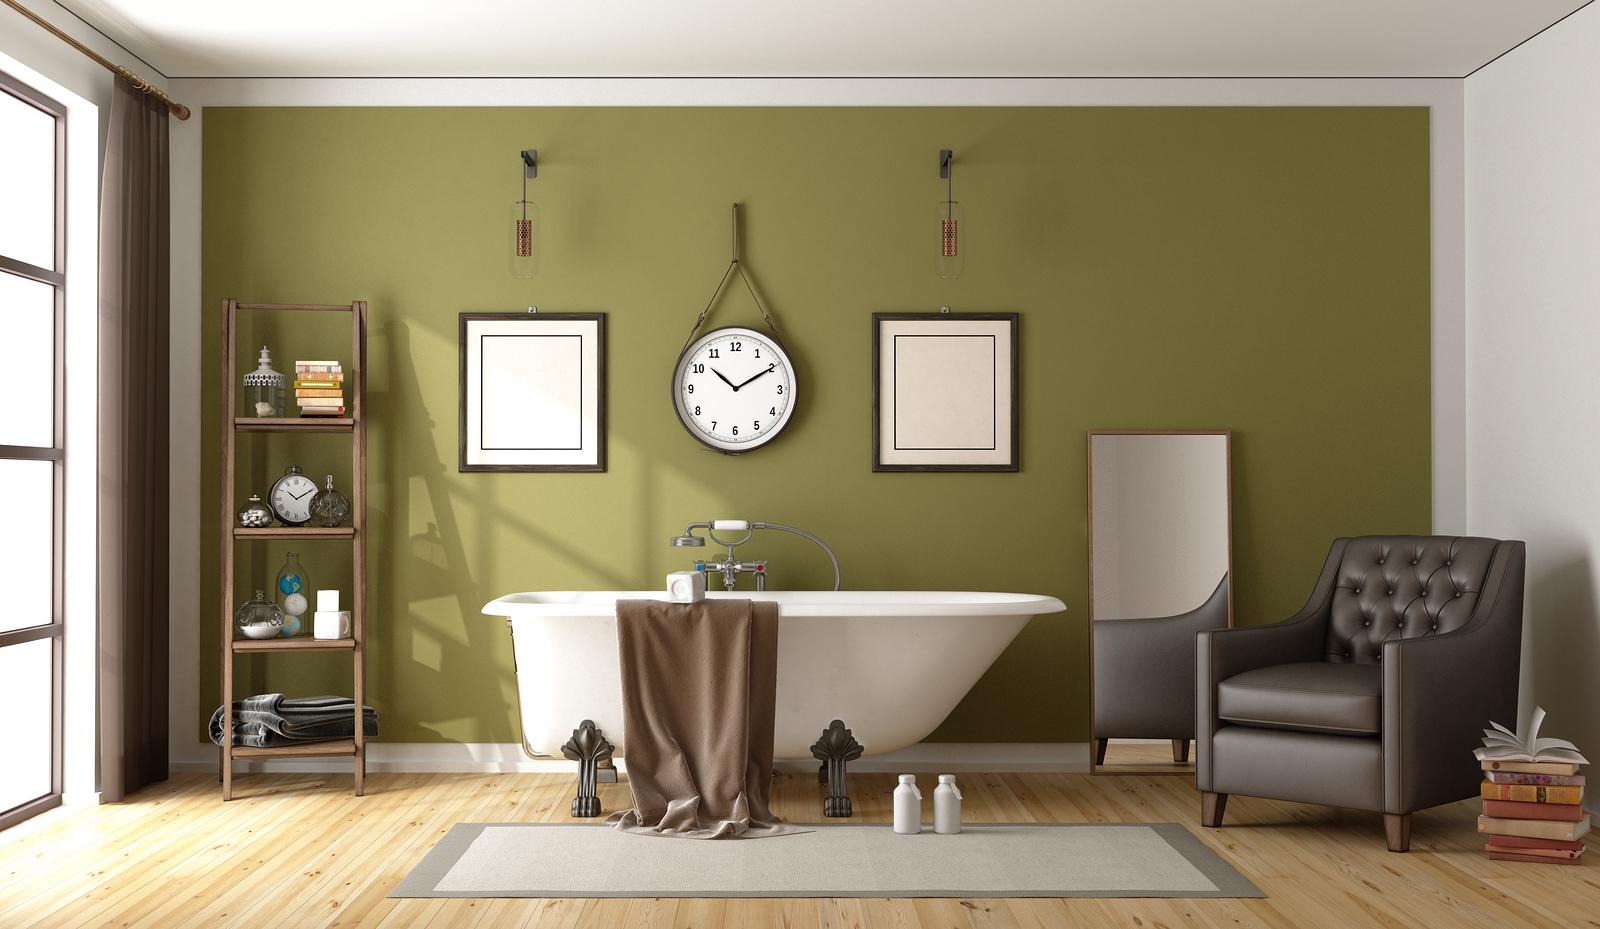 Podpowiadamy Jak Wybrać Maty Antypoślizgowe Do Twojej łazienki